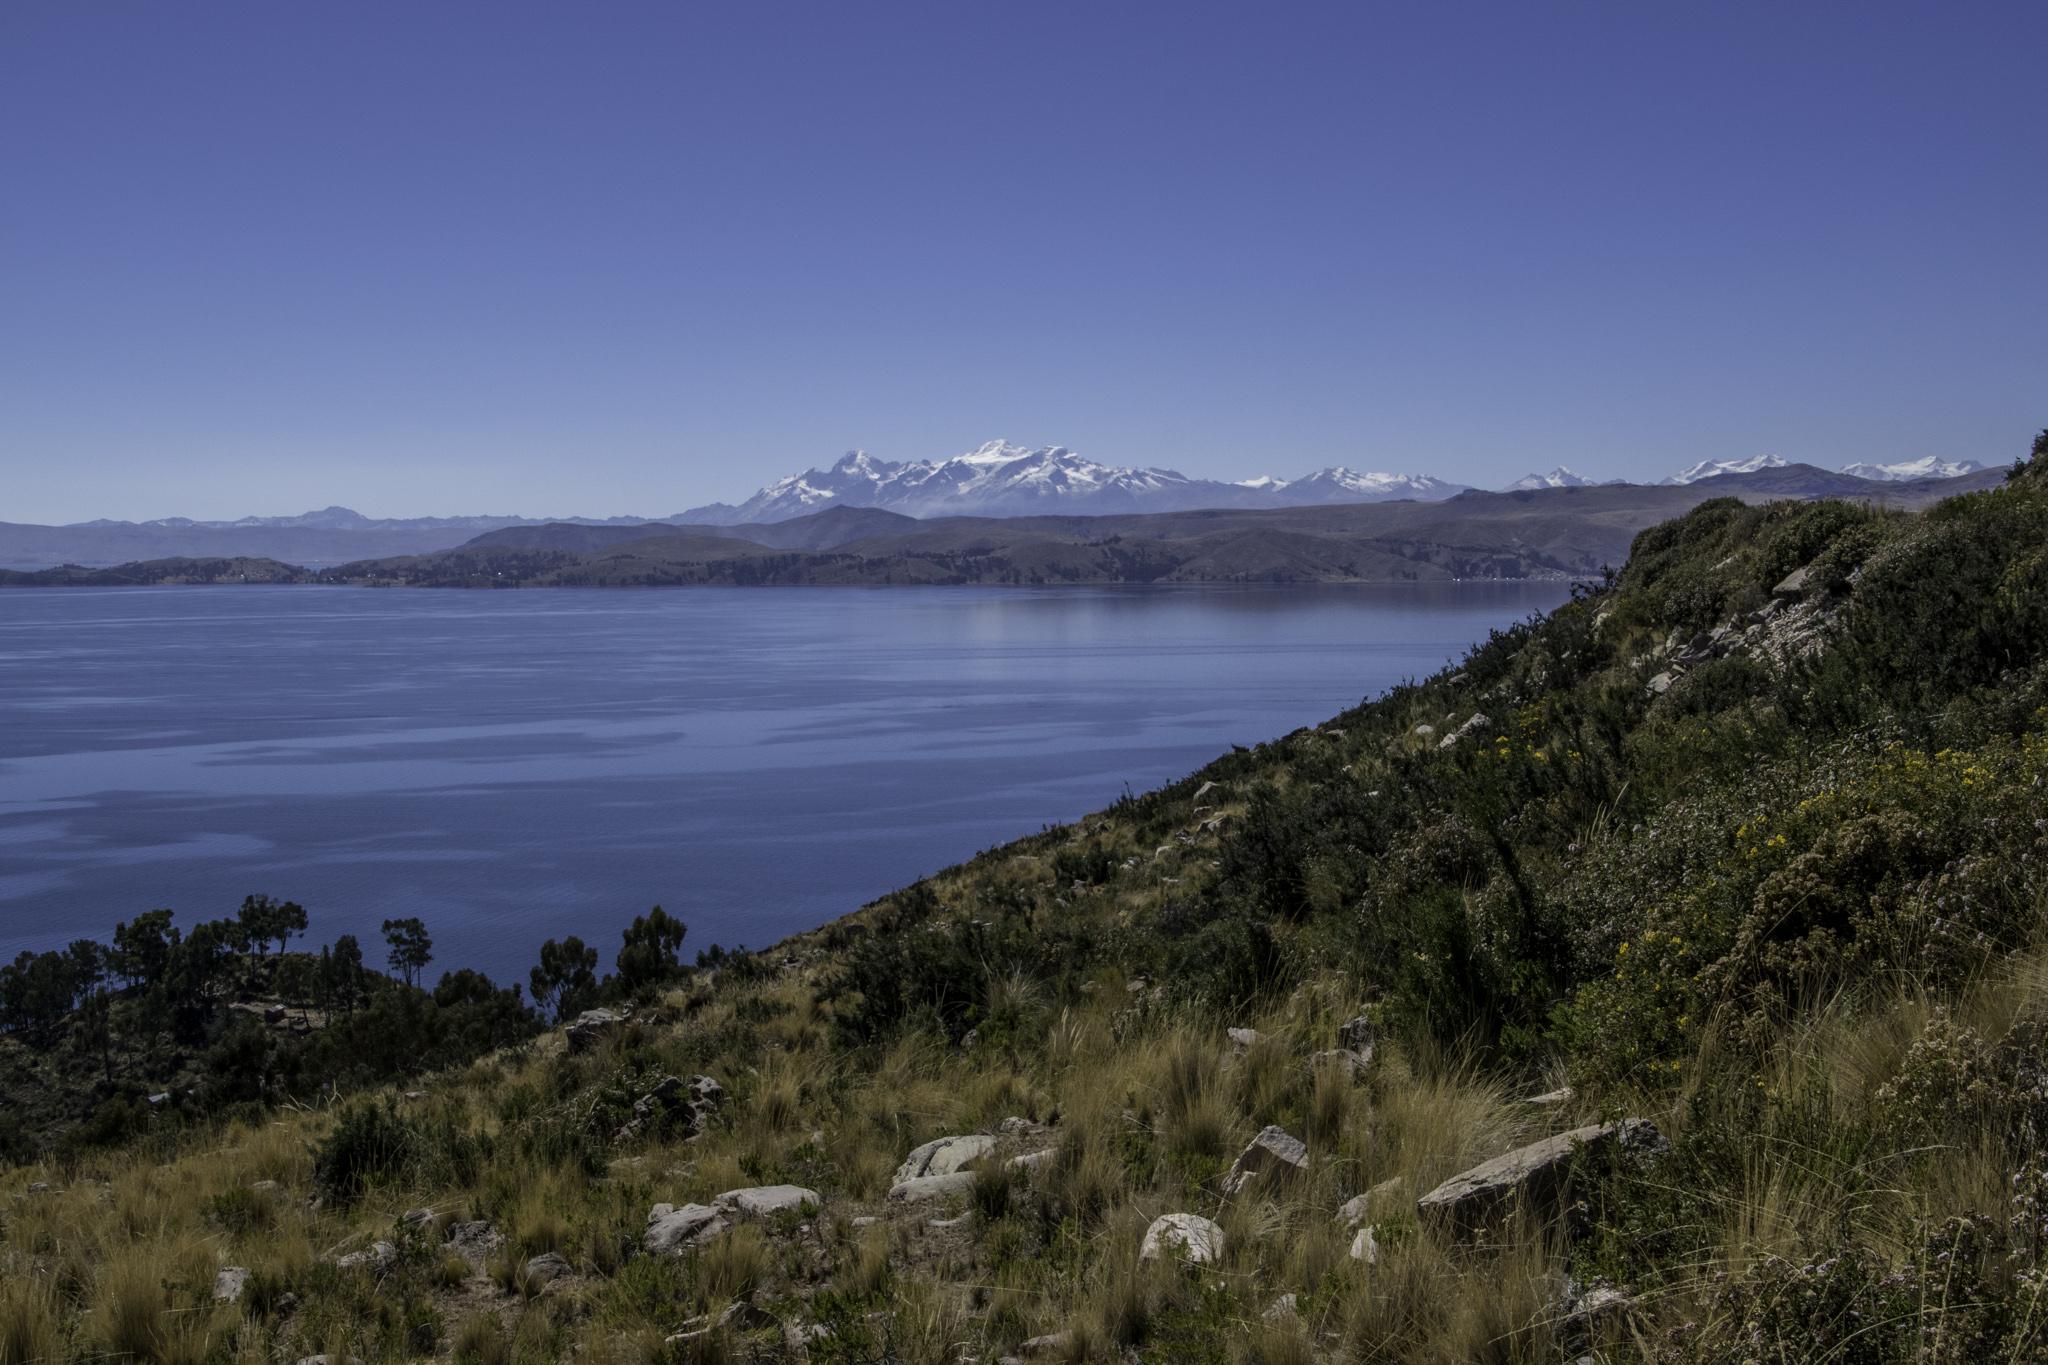 Einer der bisher schönsten Streckenabschnitte mit Aussicht auf den Lago Titicaca und die beschneite Cordillera Real